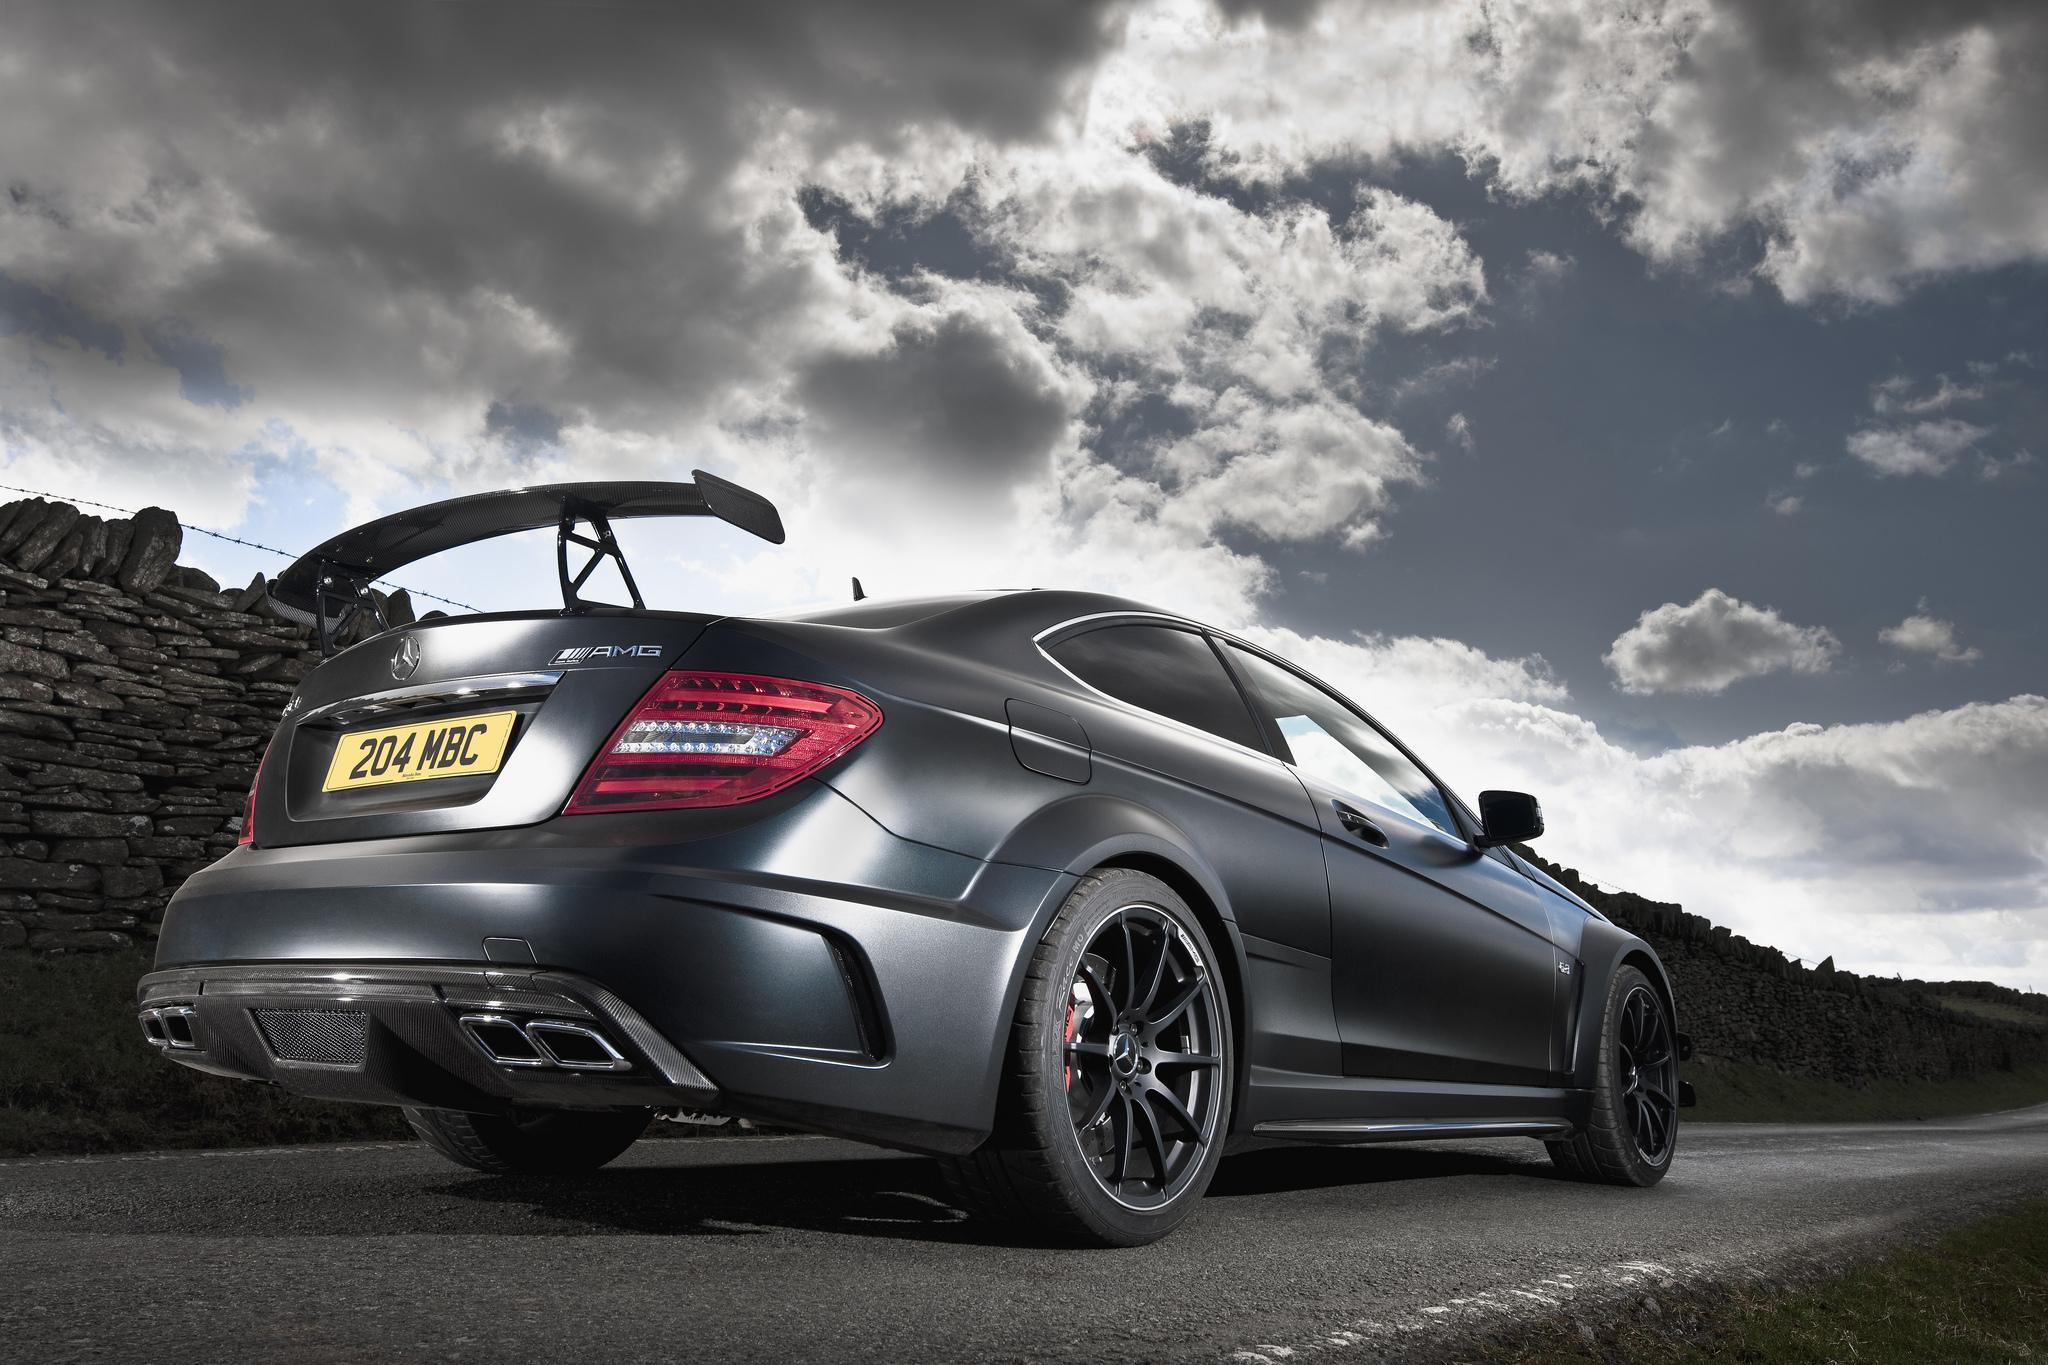 2012 Mercedes-Benz C63 AMG k wallpaper | 2048x1365 | 43039 ...